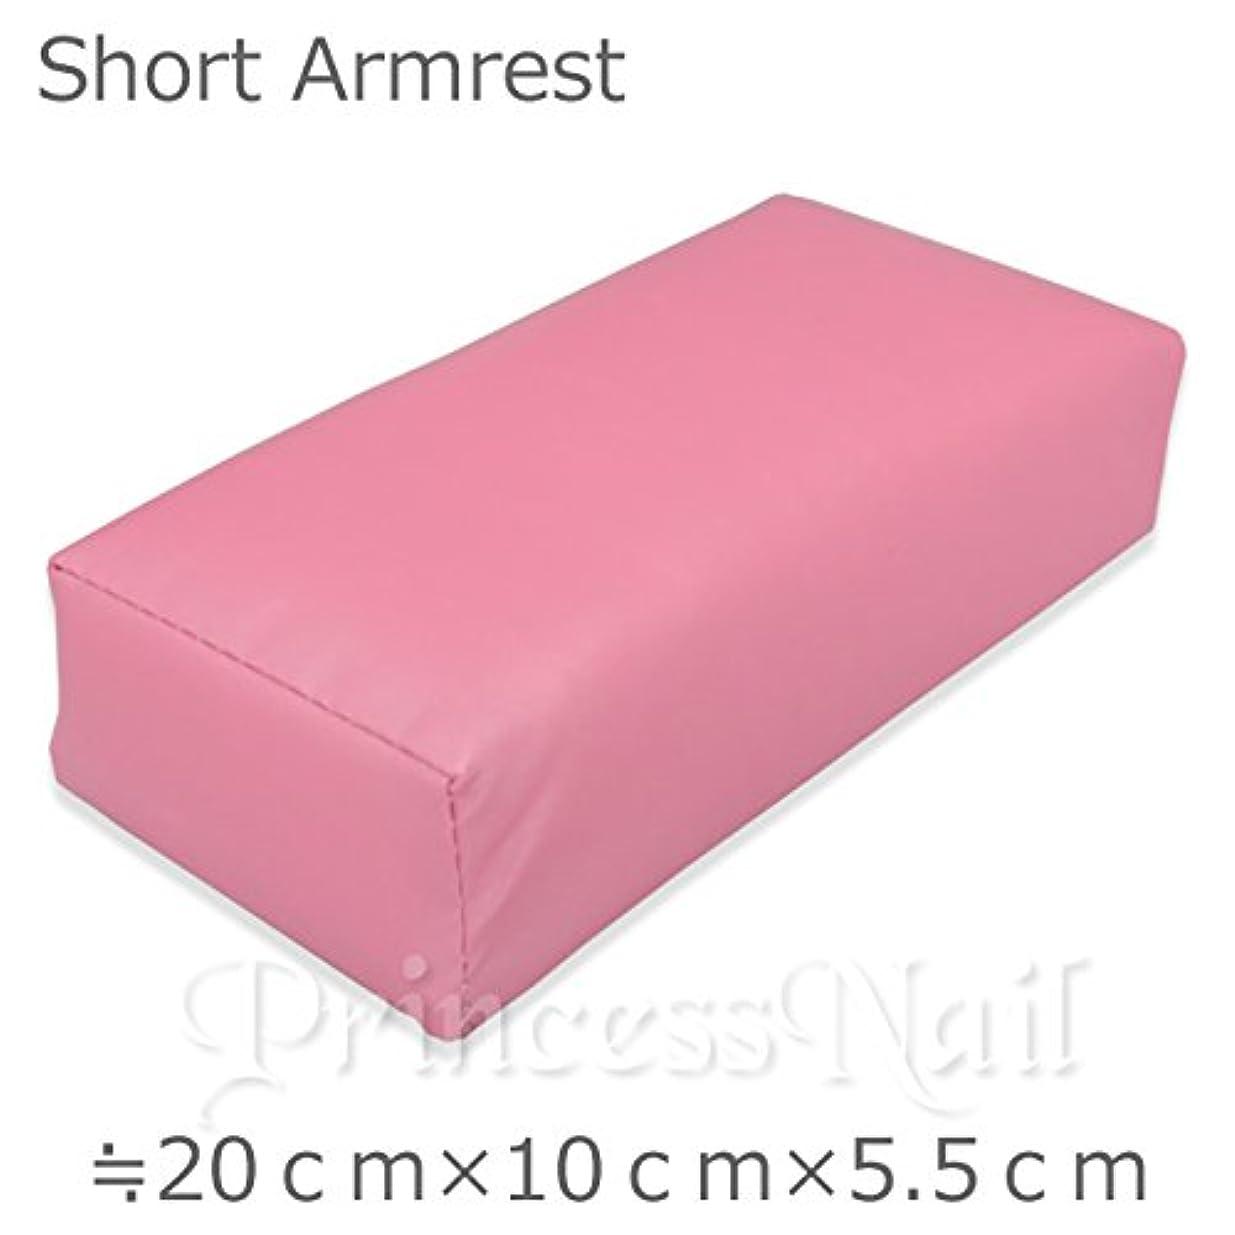 驚いたことにガスプレートネイルケア用アームレスト ショートタイプ Color:Pink size:D10cm×W20cm×H5.5cm